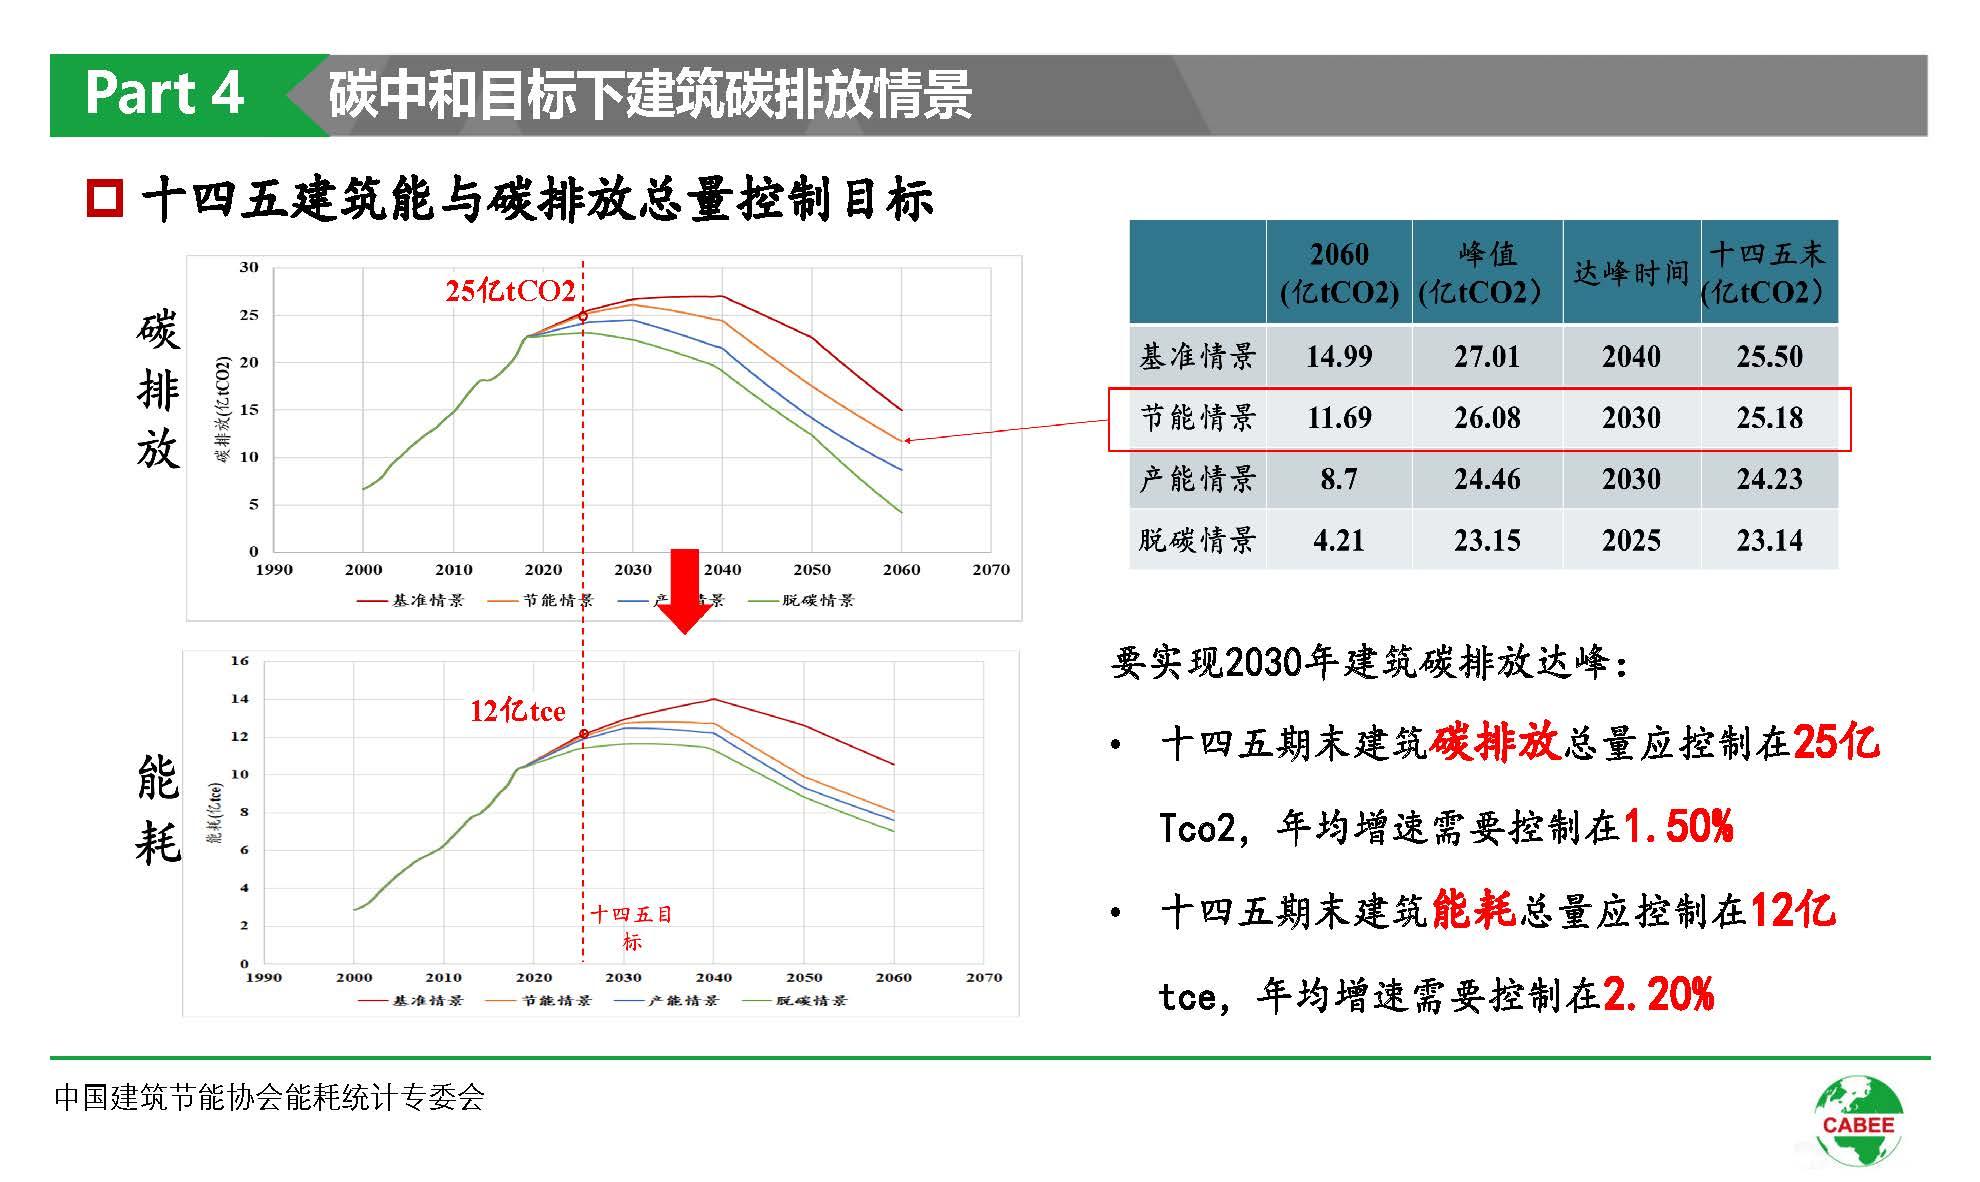 中国建筑能耗研究报告(2020)(1)_页面_38.jpg